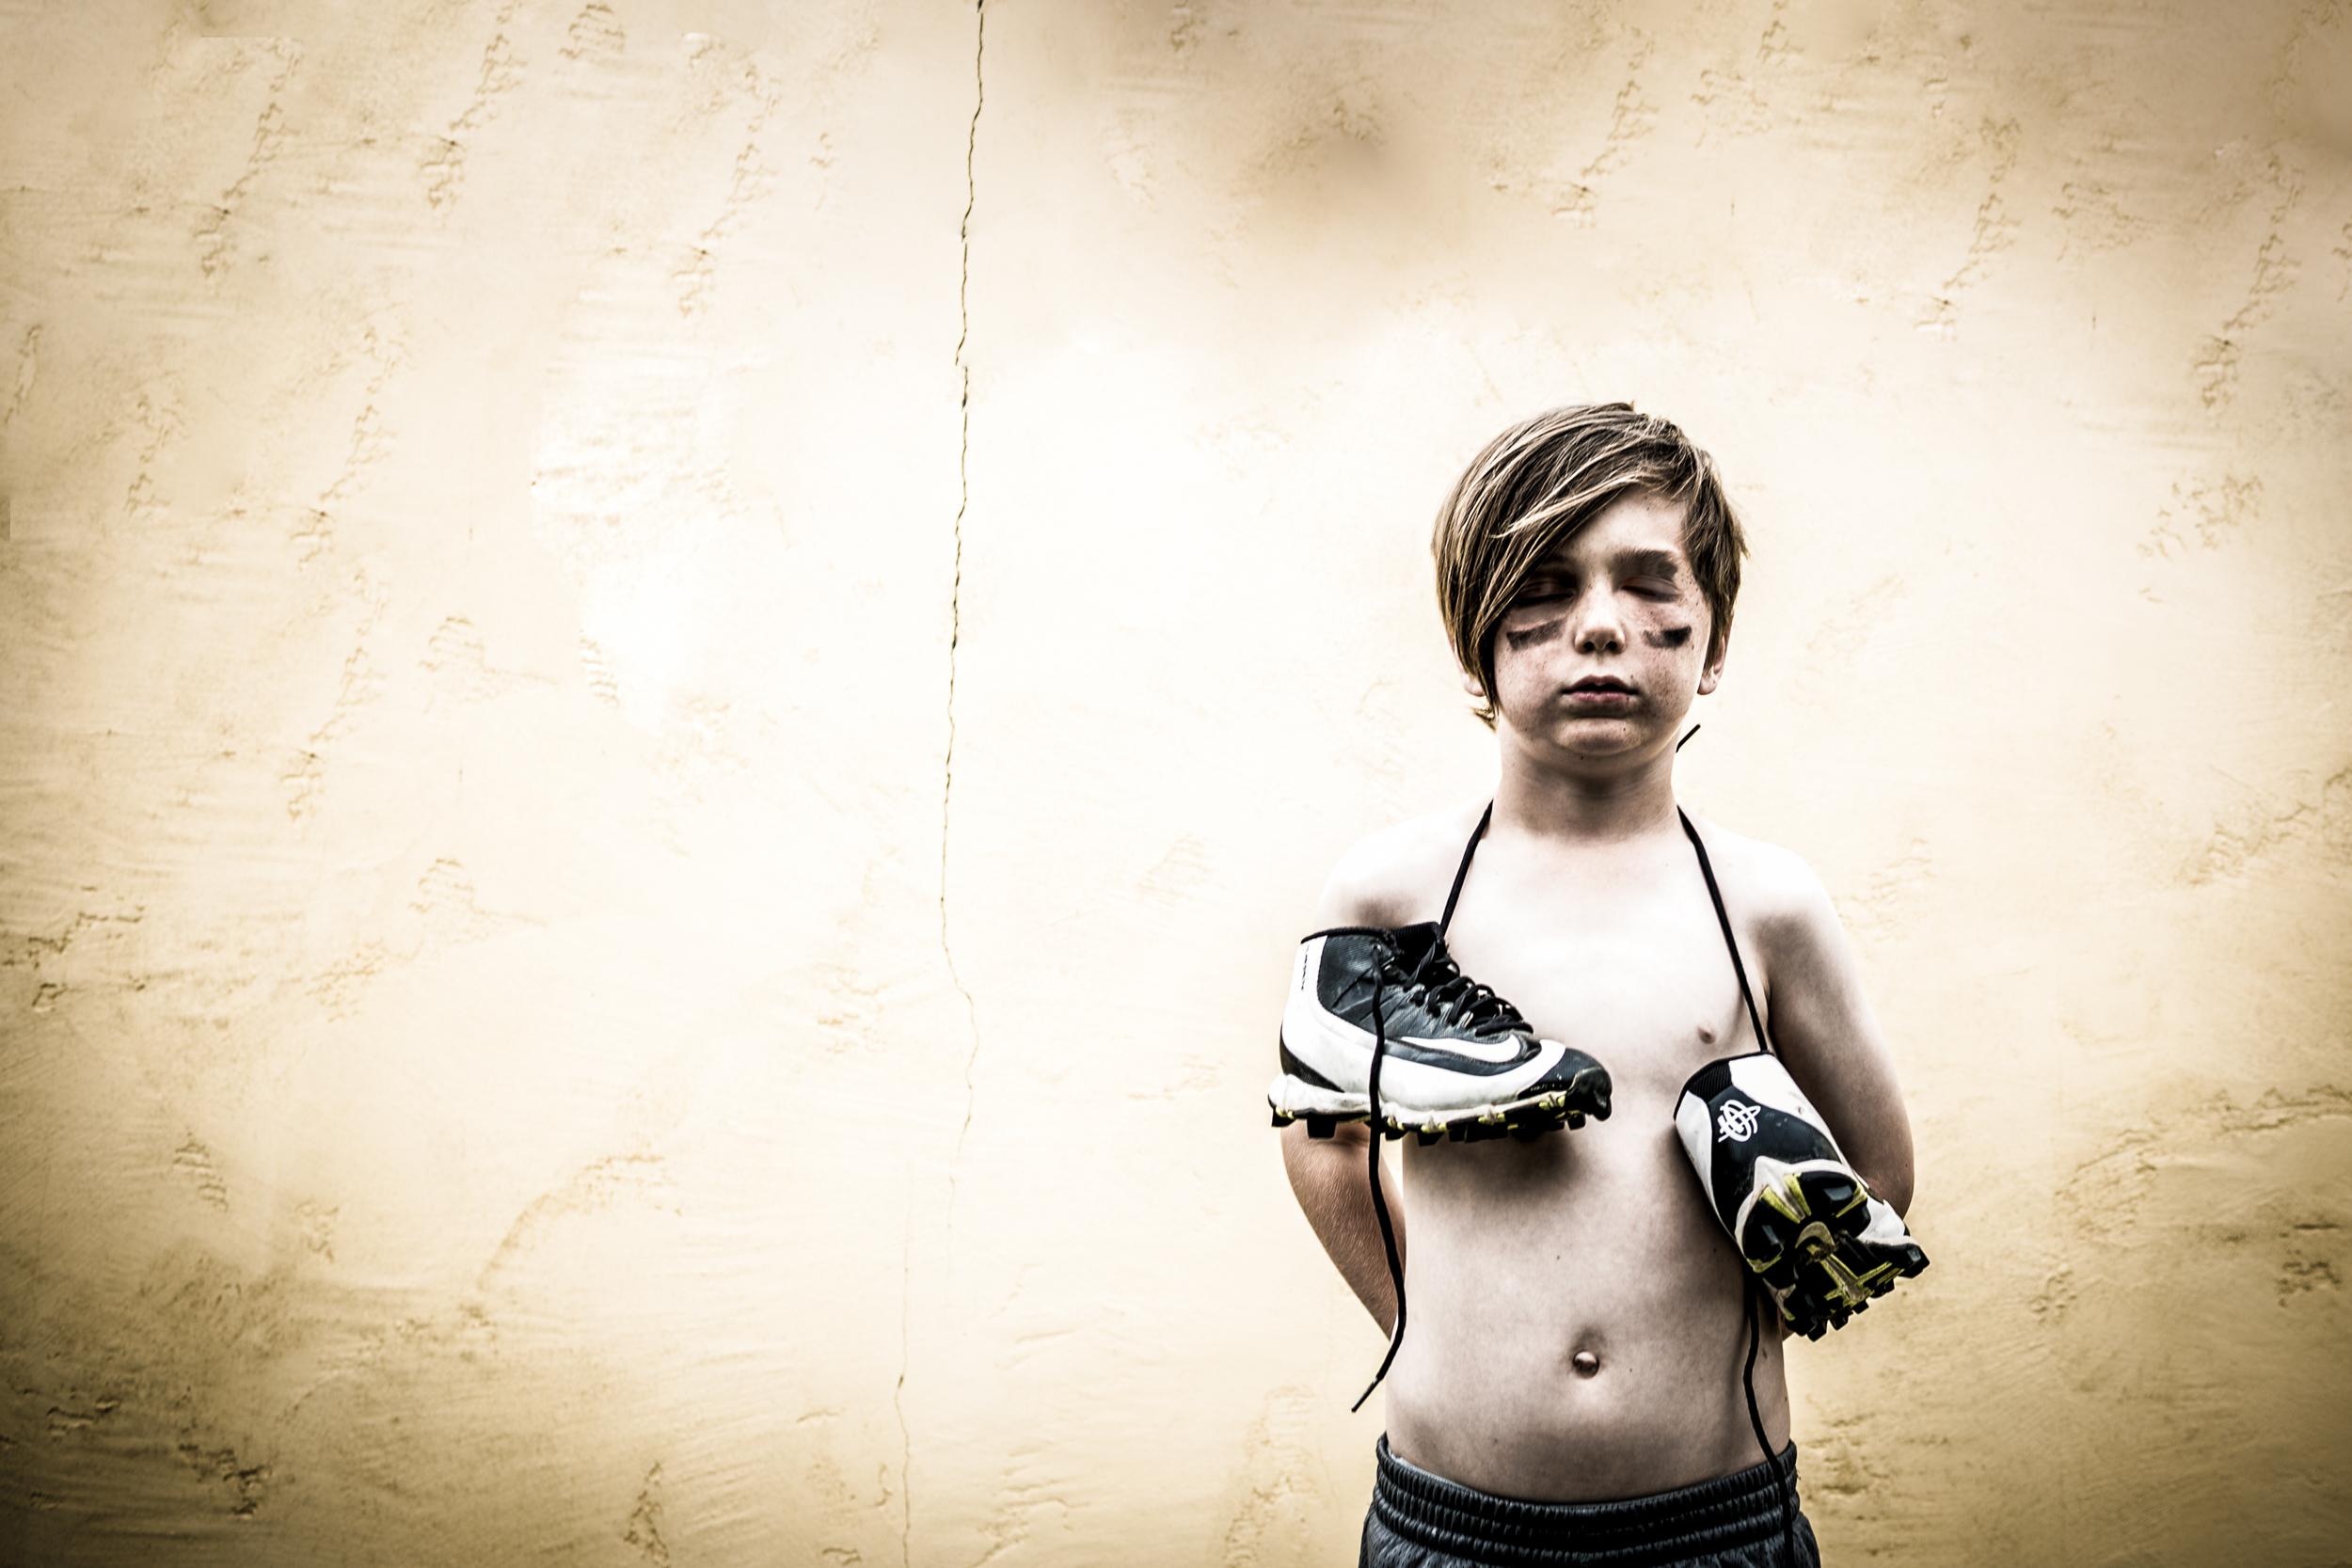 Child Athlete_10.jpg